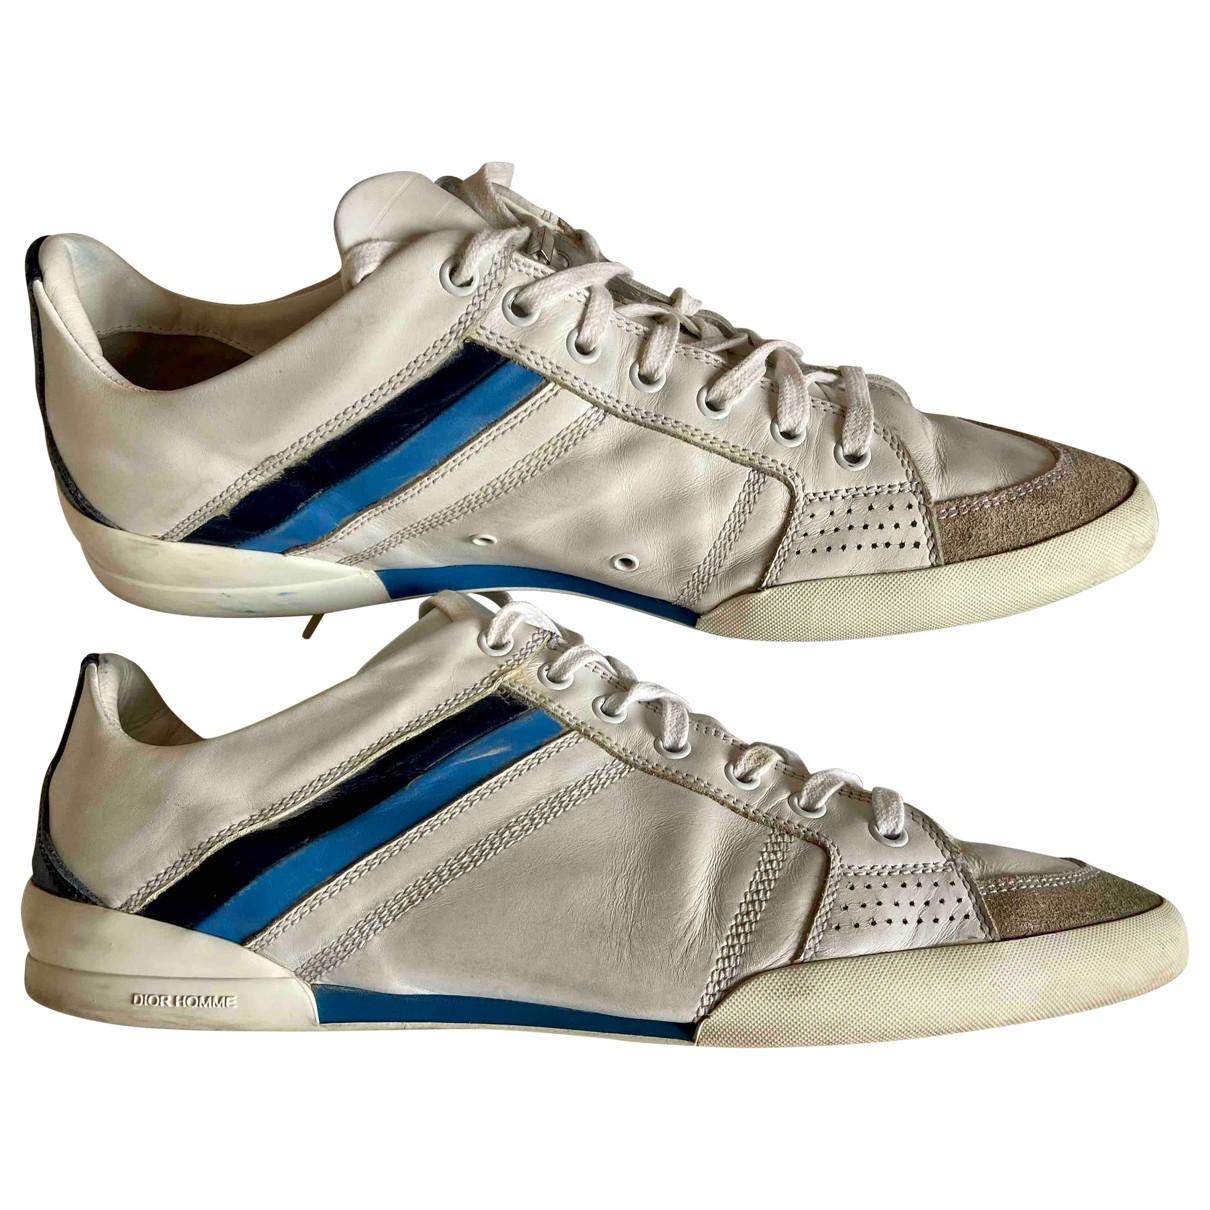 Dior Homme - Baskets B18 pour homme en cuir - blanc